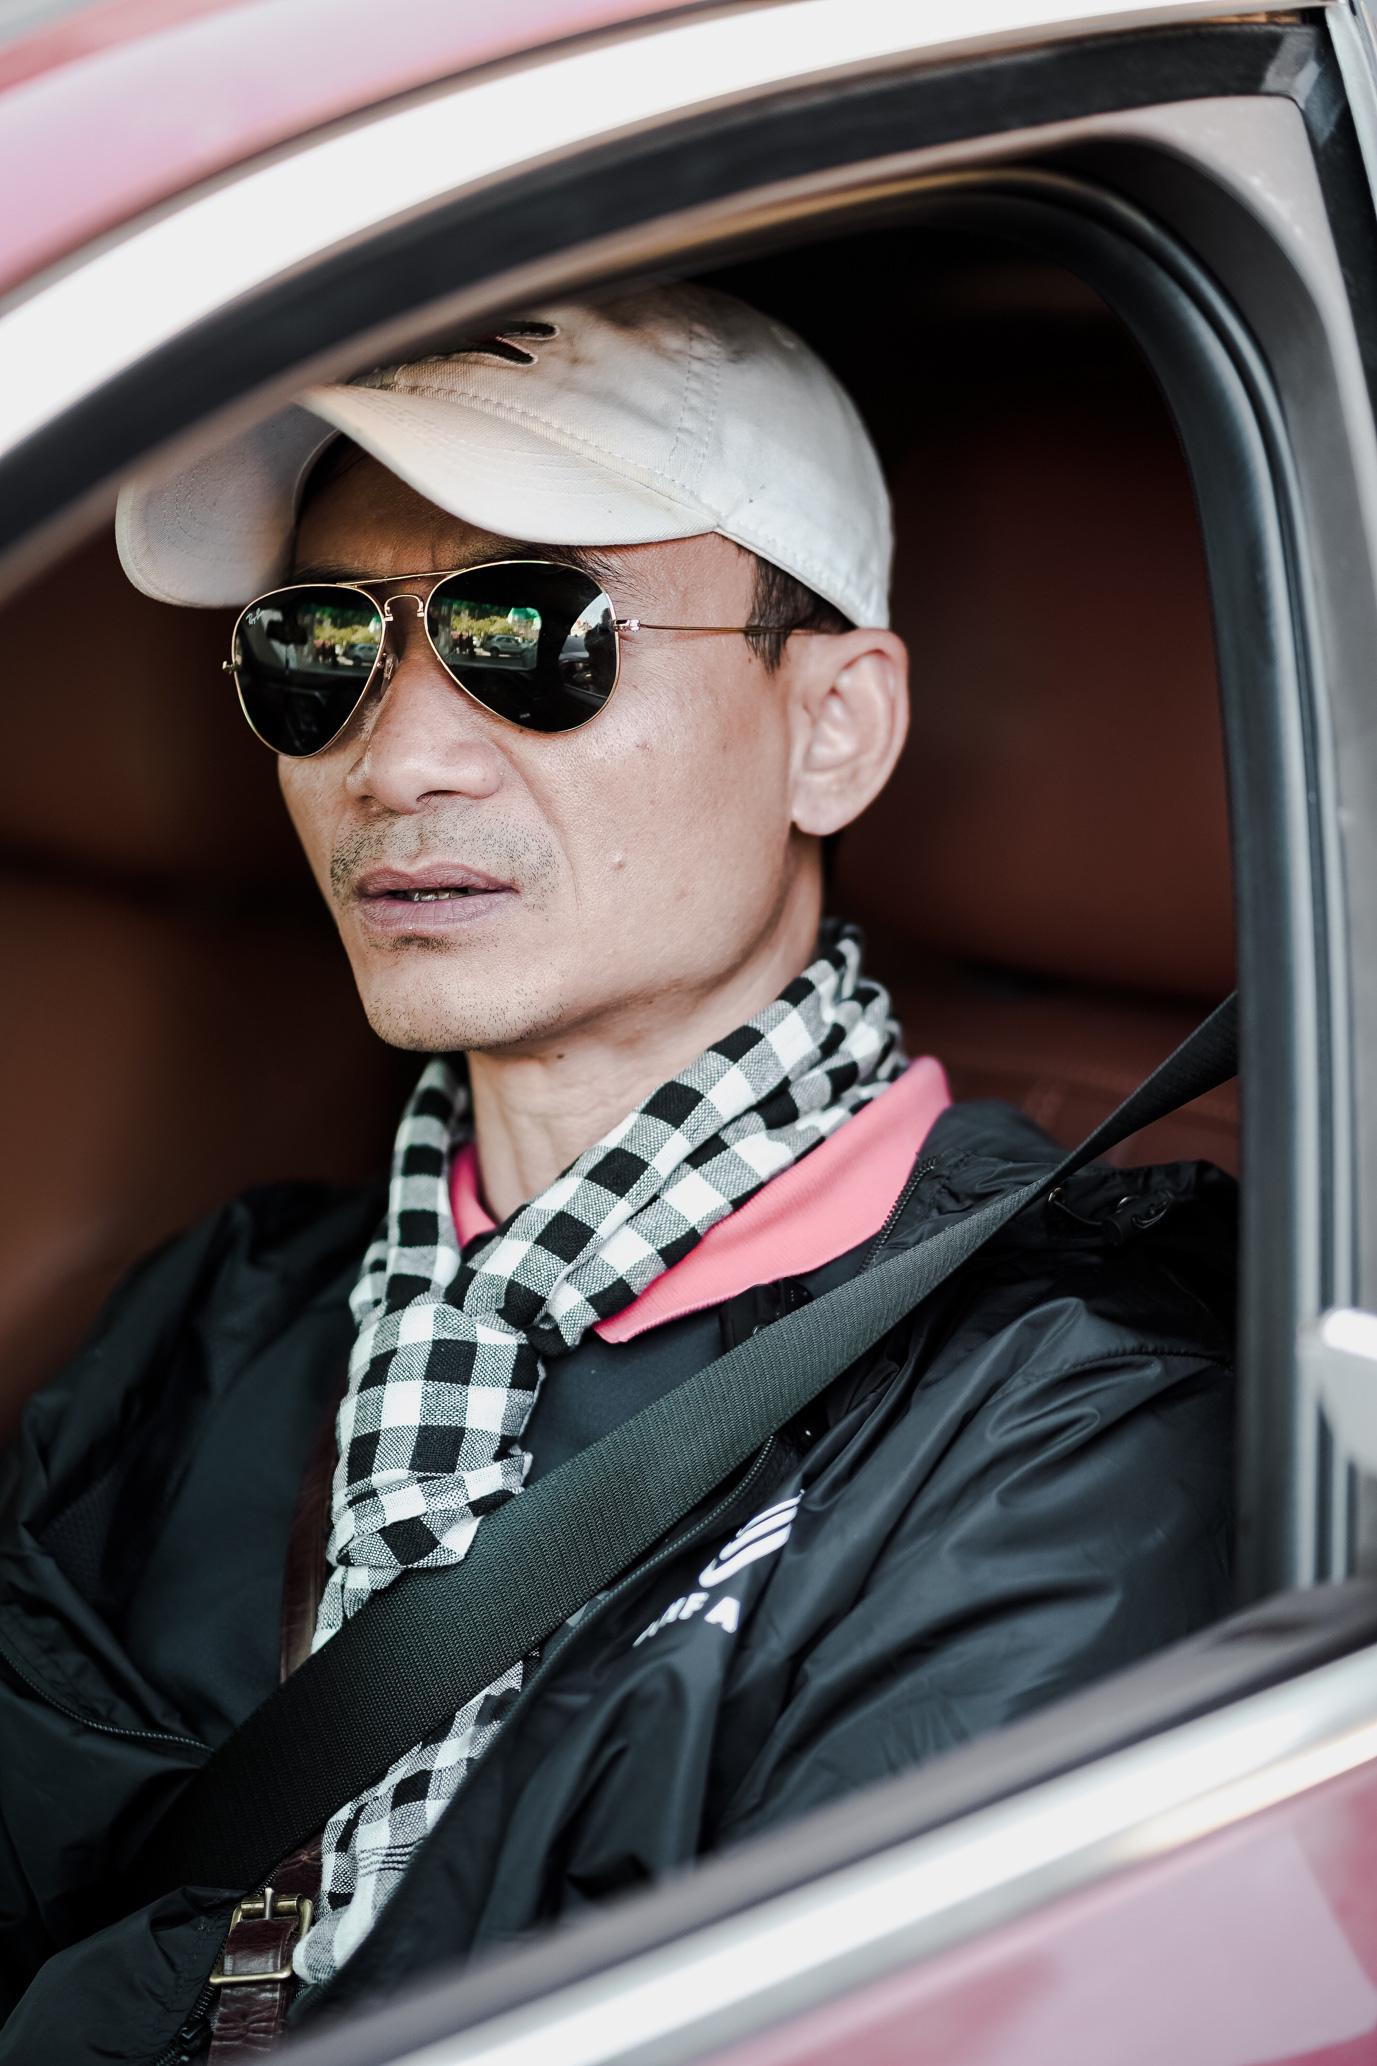 Người dùng đánh giá VinFast Lux sau hành trình chinh phục Hà Giang ấn tượng: 'Đẹp đậm chất Việt, vận hành như xe Âu' - Ảnh 6.